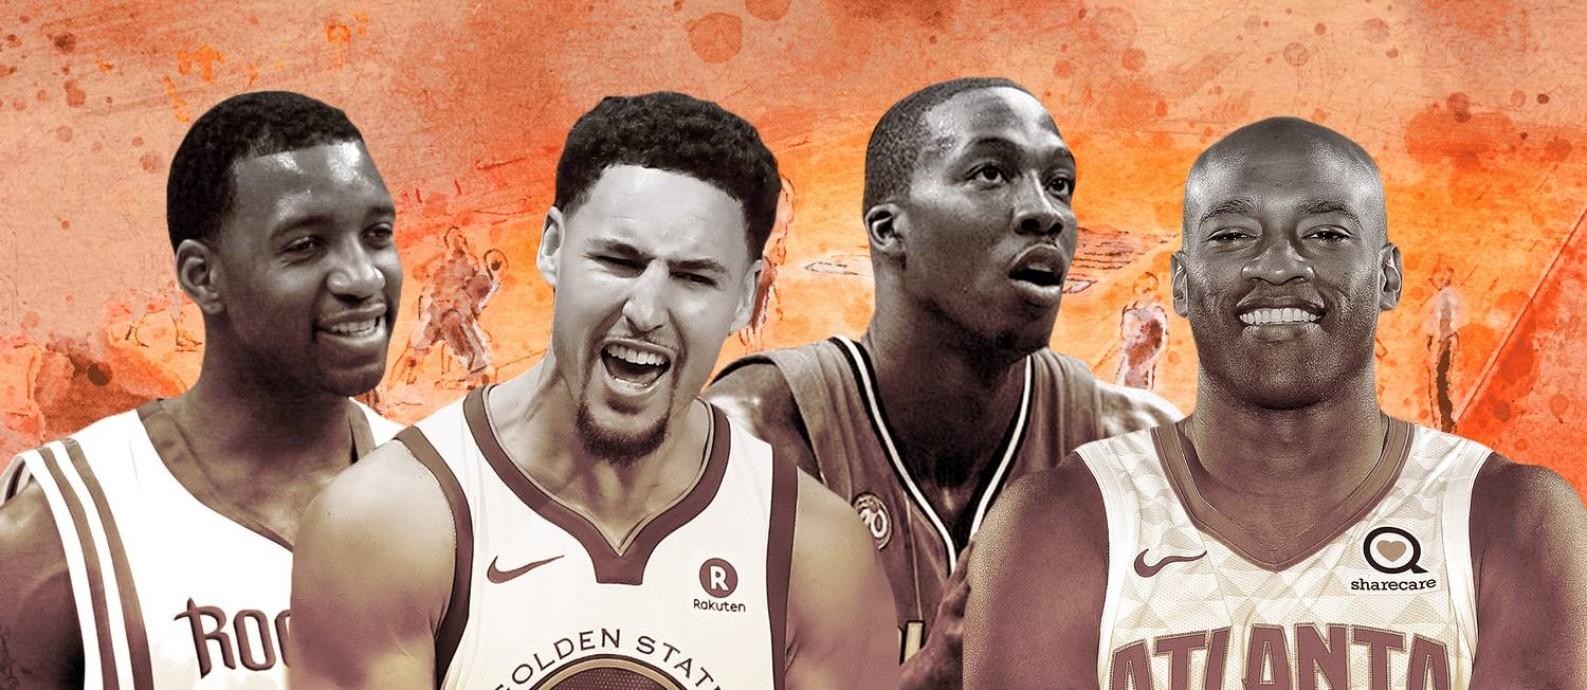 McGrady, Klay Thompson, Dwight Howard e Vince Carter: alguns dos maiores da NBA vistos pelos brasileiros Foto: Editoria de Arte